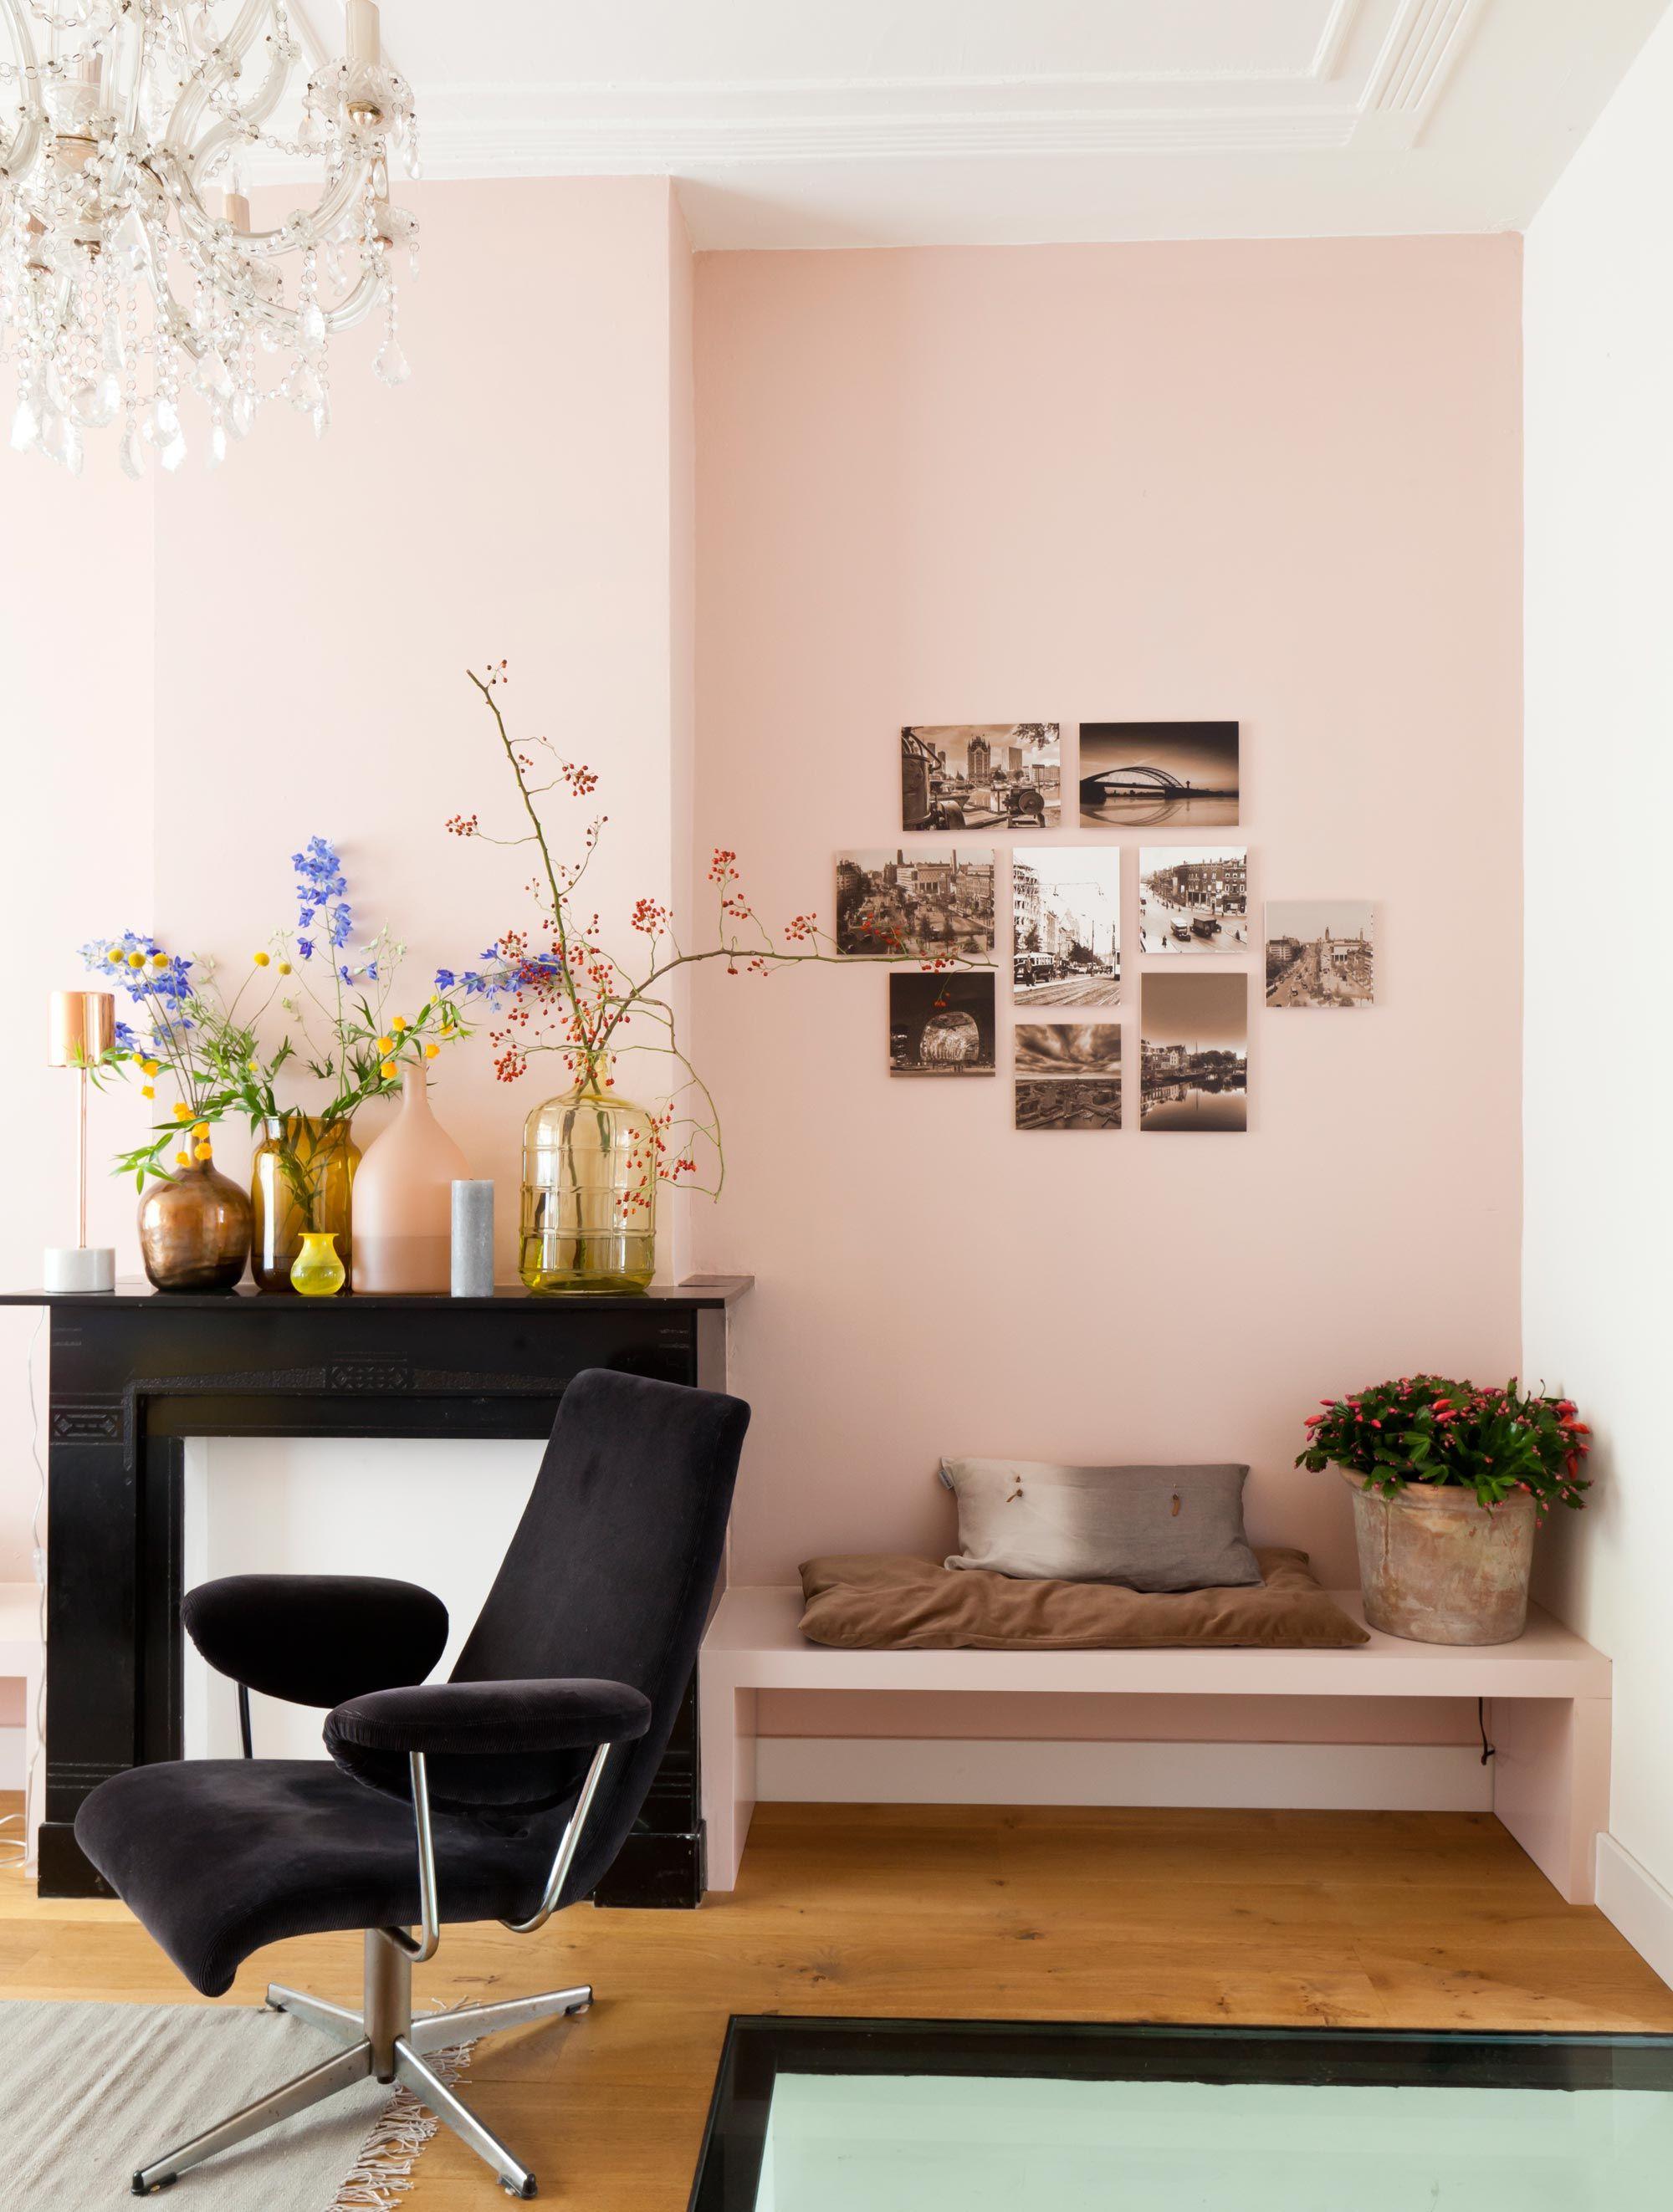 pastel interieur vt wonen op de muur kleur aanbeveling per 25 liter 3495 histor